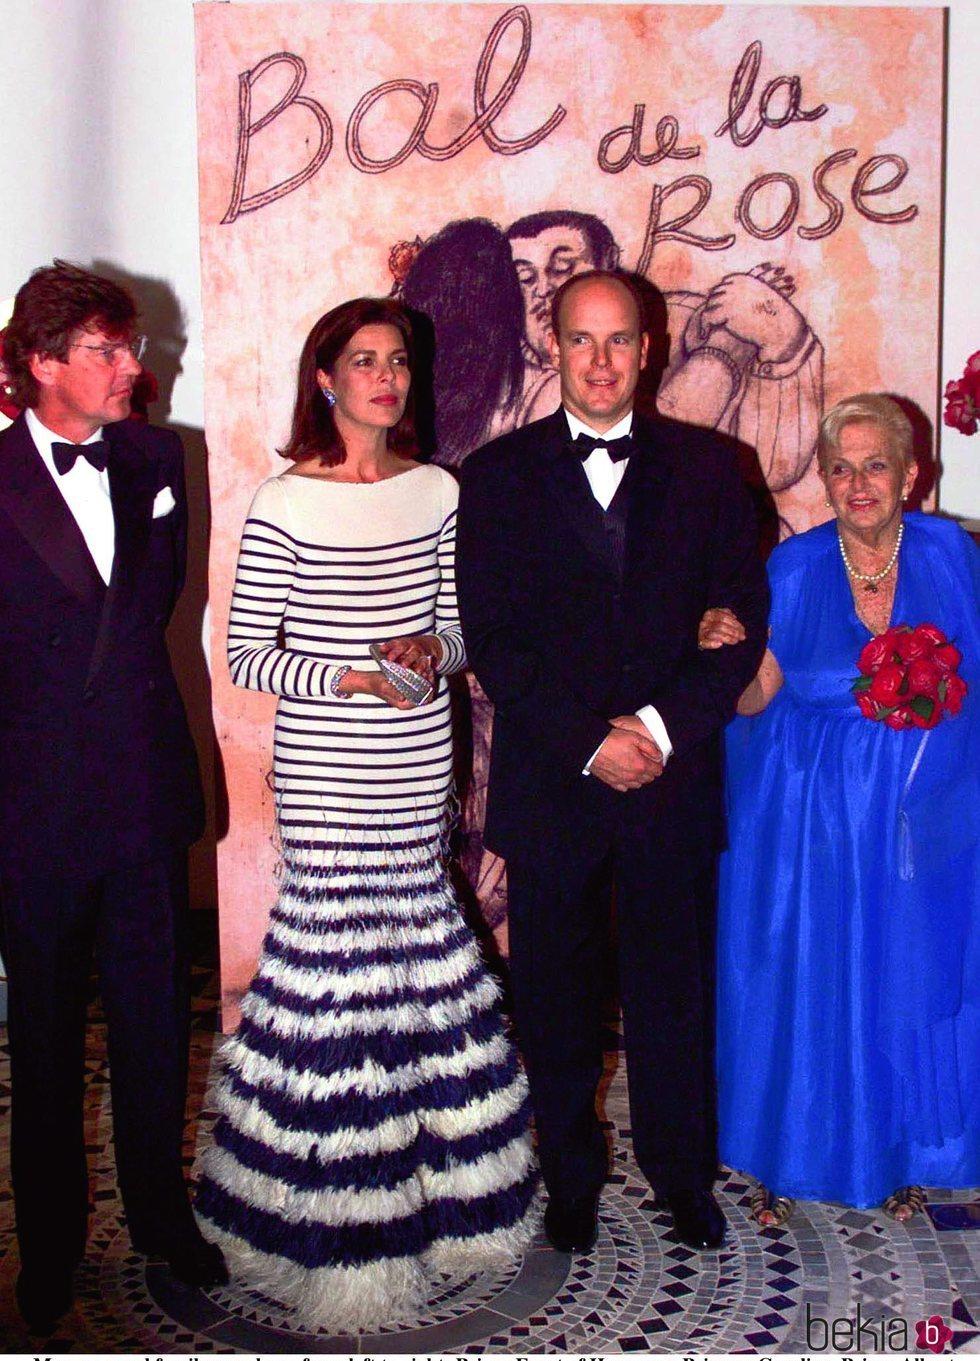 El Príncipe Alberto, la Princesa Carolina, la Princesa Antoinette y Ernesto de Hannover en el Baile de la Rosa 2000